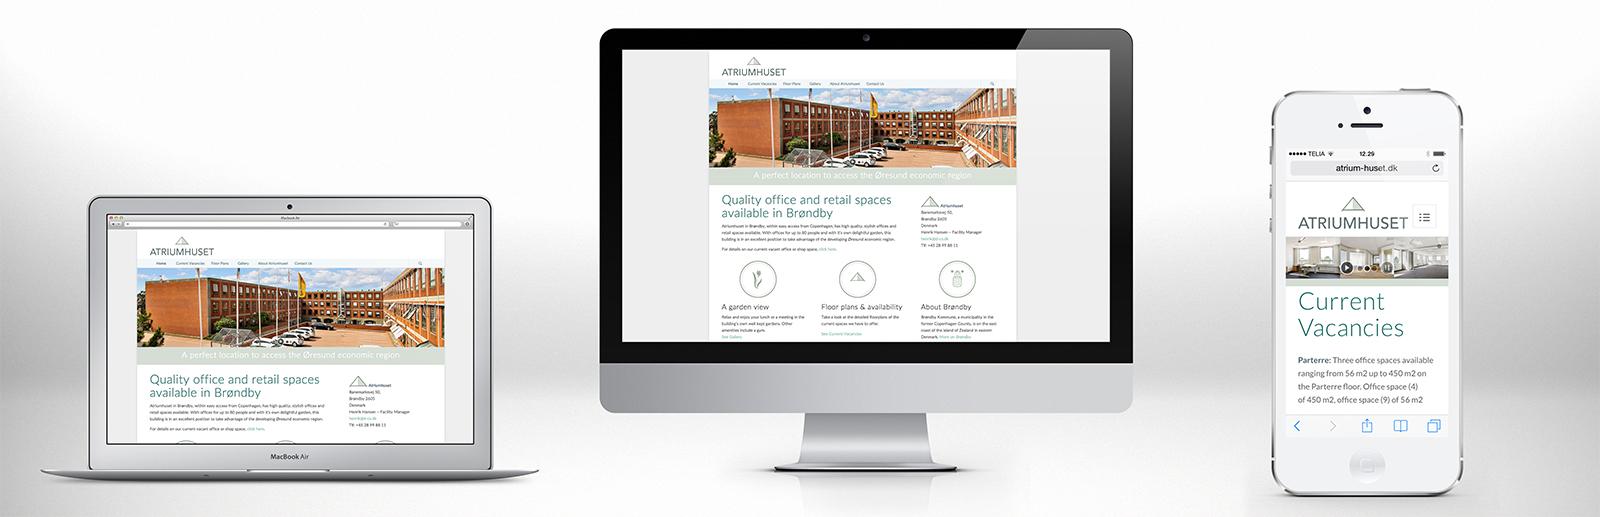 atriumhuset-web-design